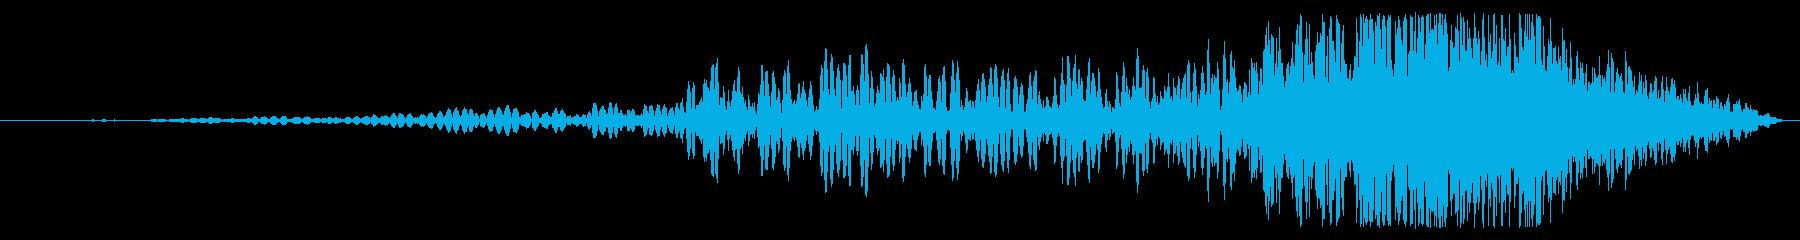 オープンサーボトランスフォーメーションの再生済みの波形